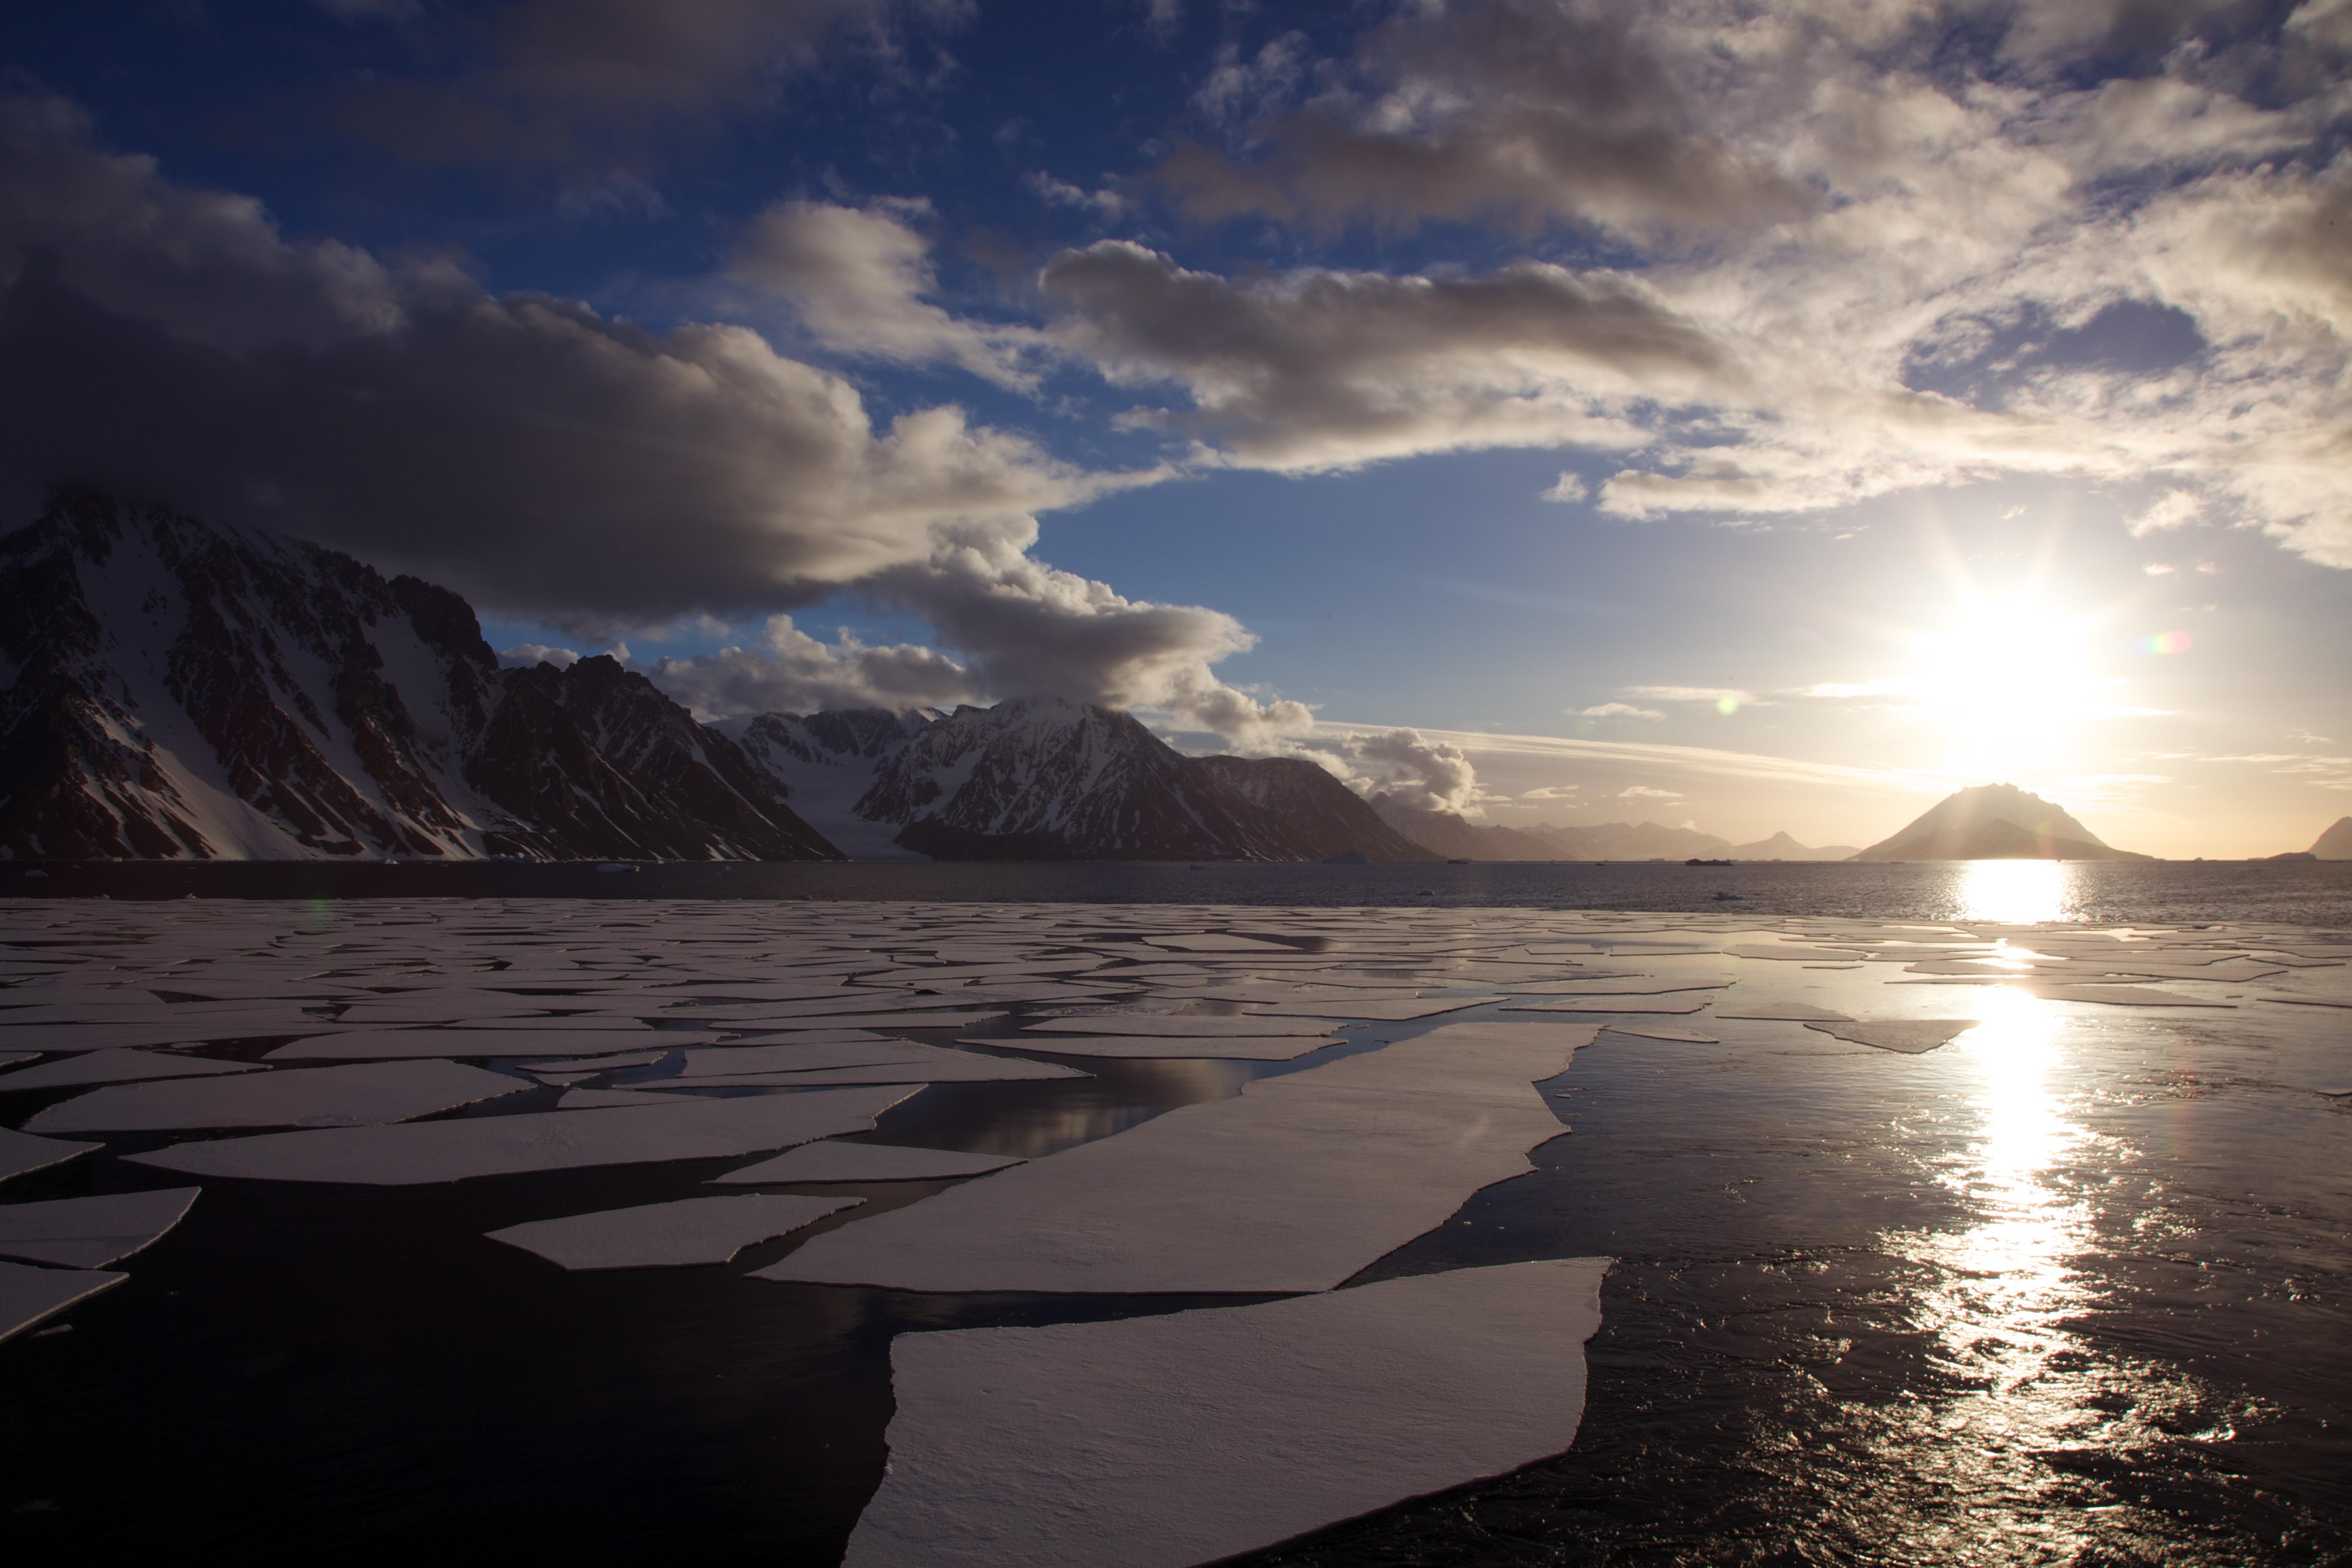 Картинки полярного дня